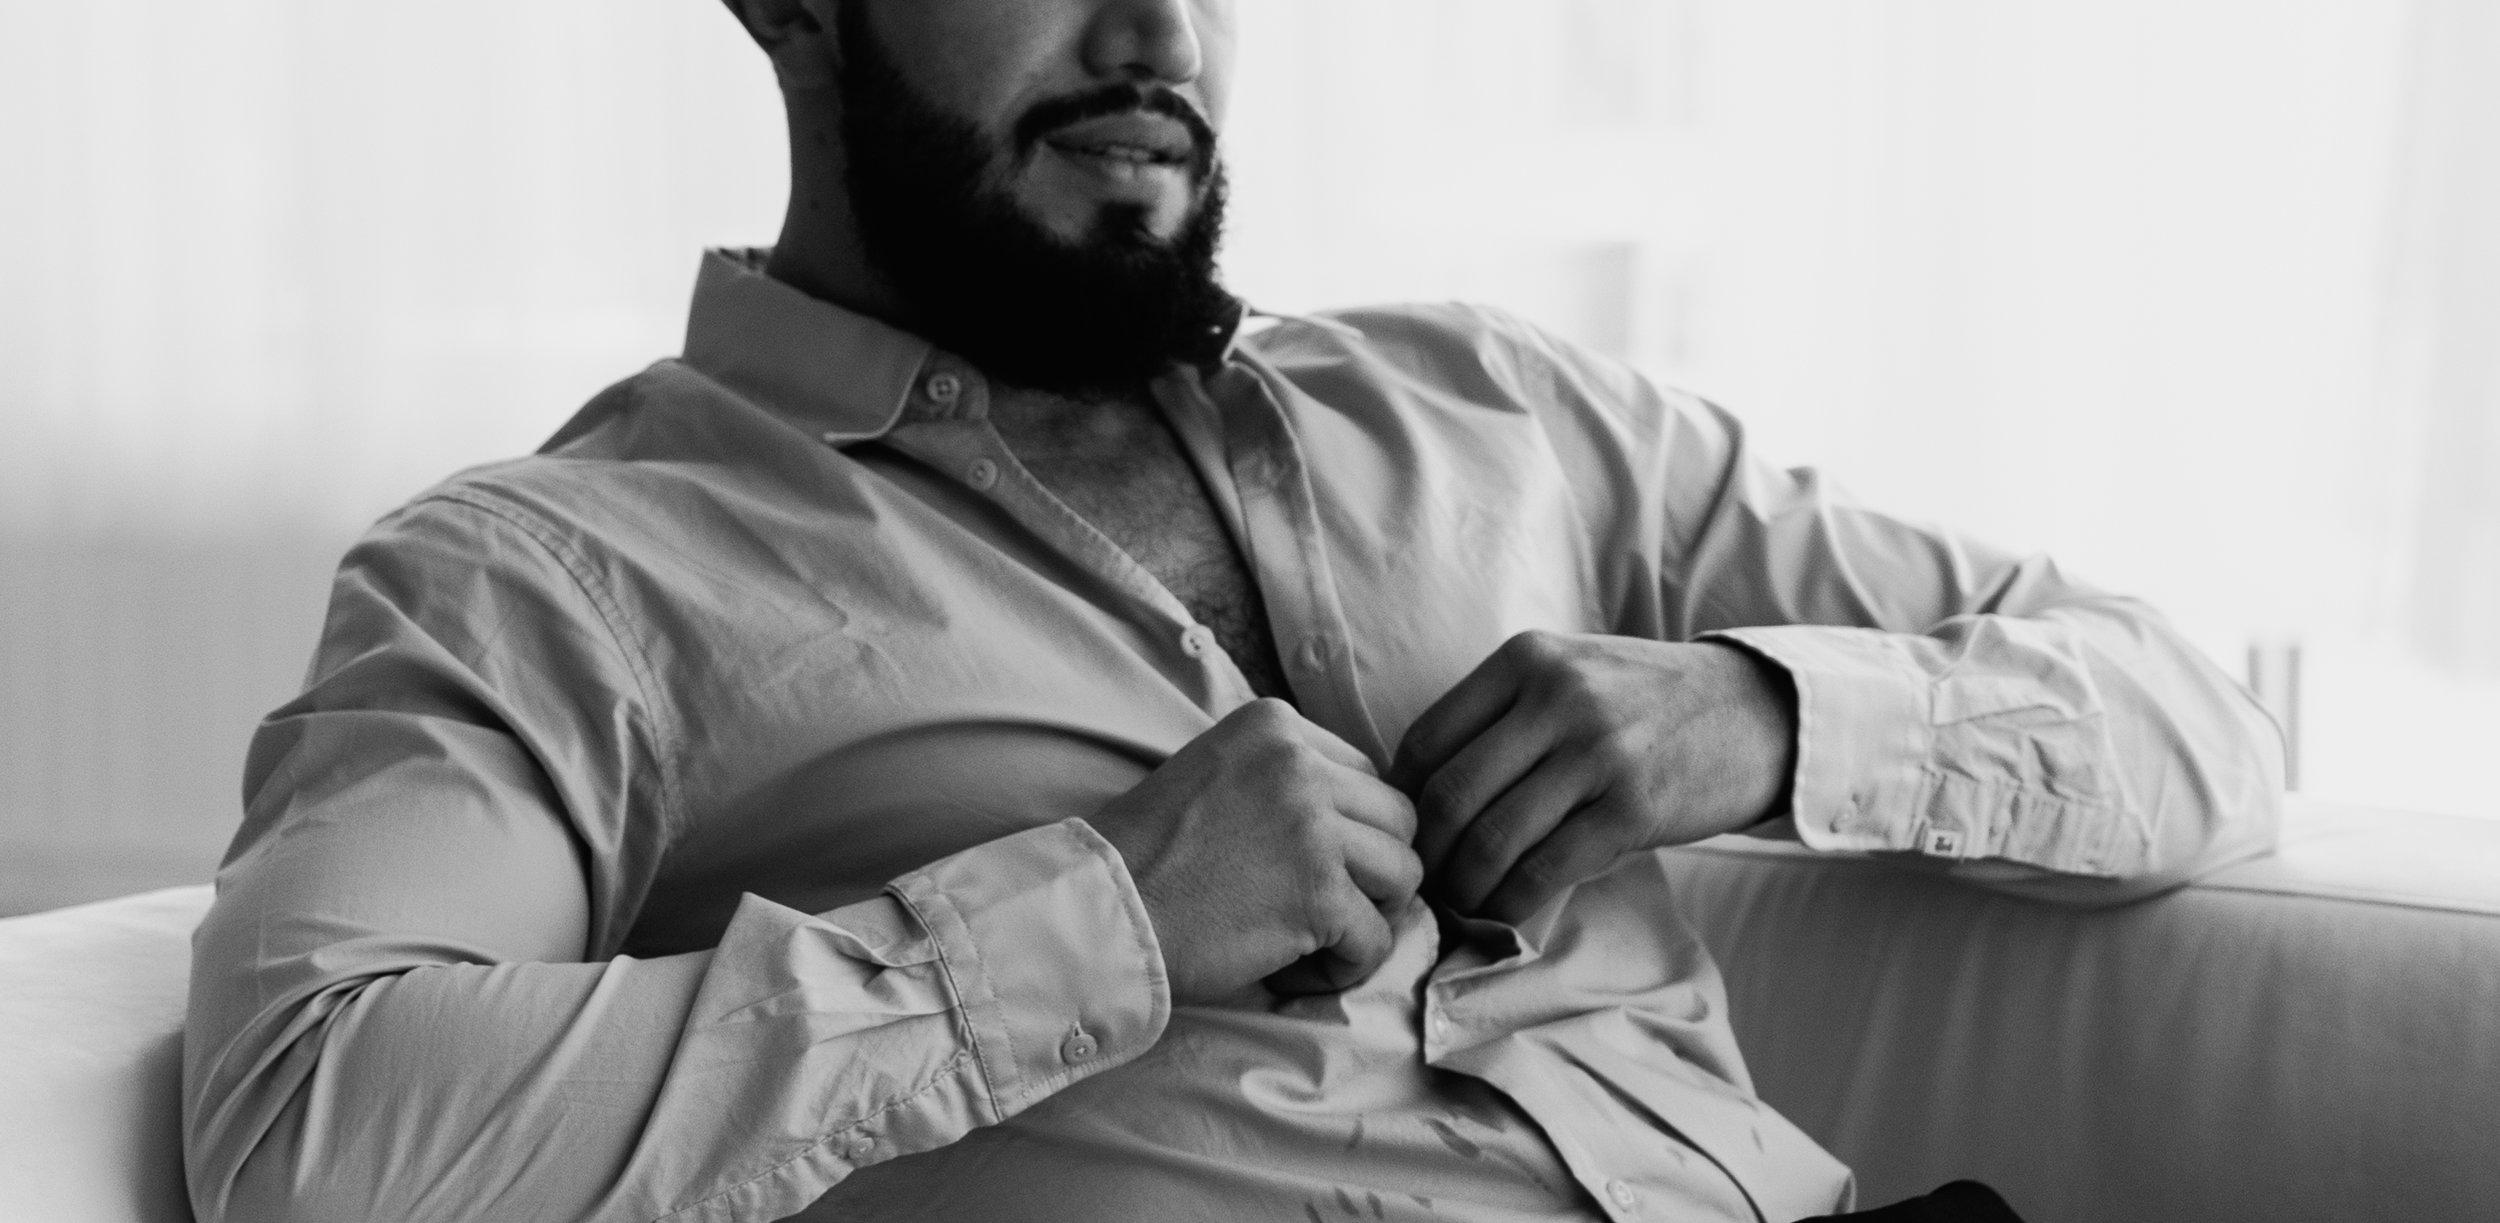 JTNoirStudios_Andres_Male_Boudoir_Portraits_Blackandwhite-2.jpg